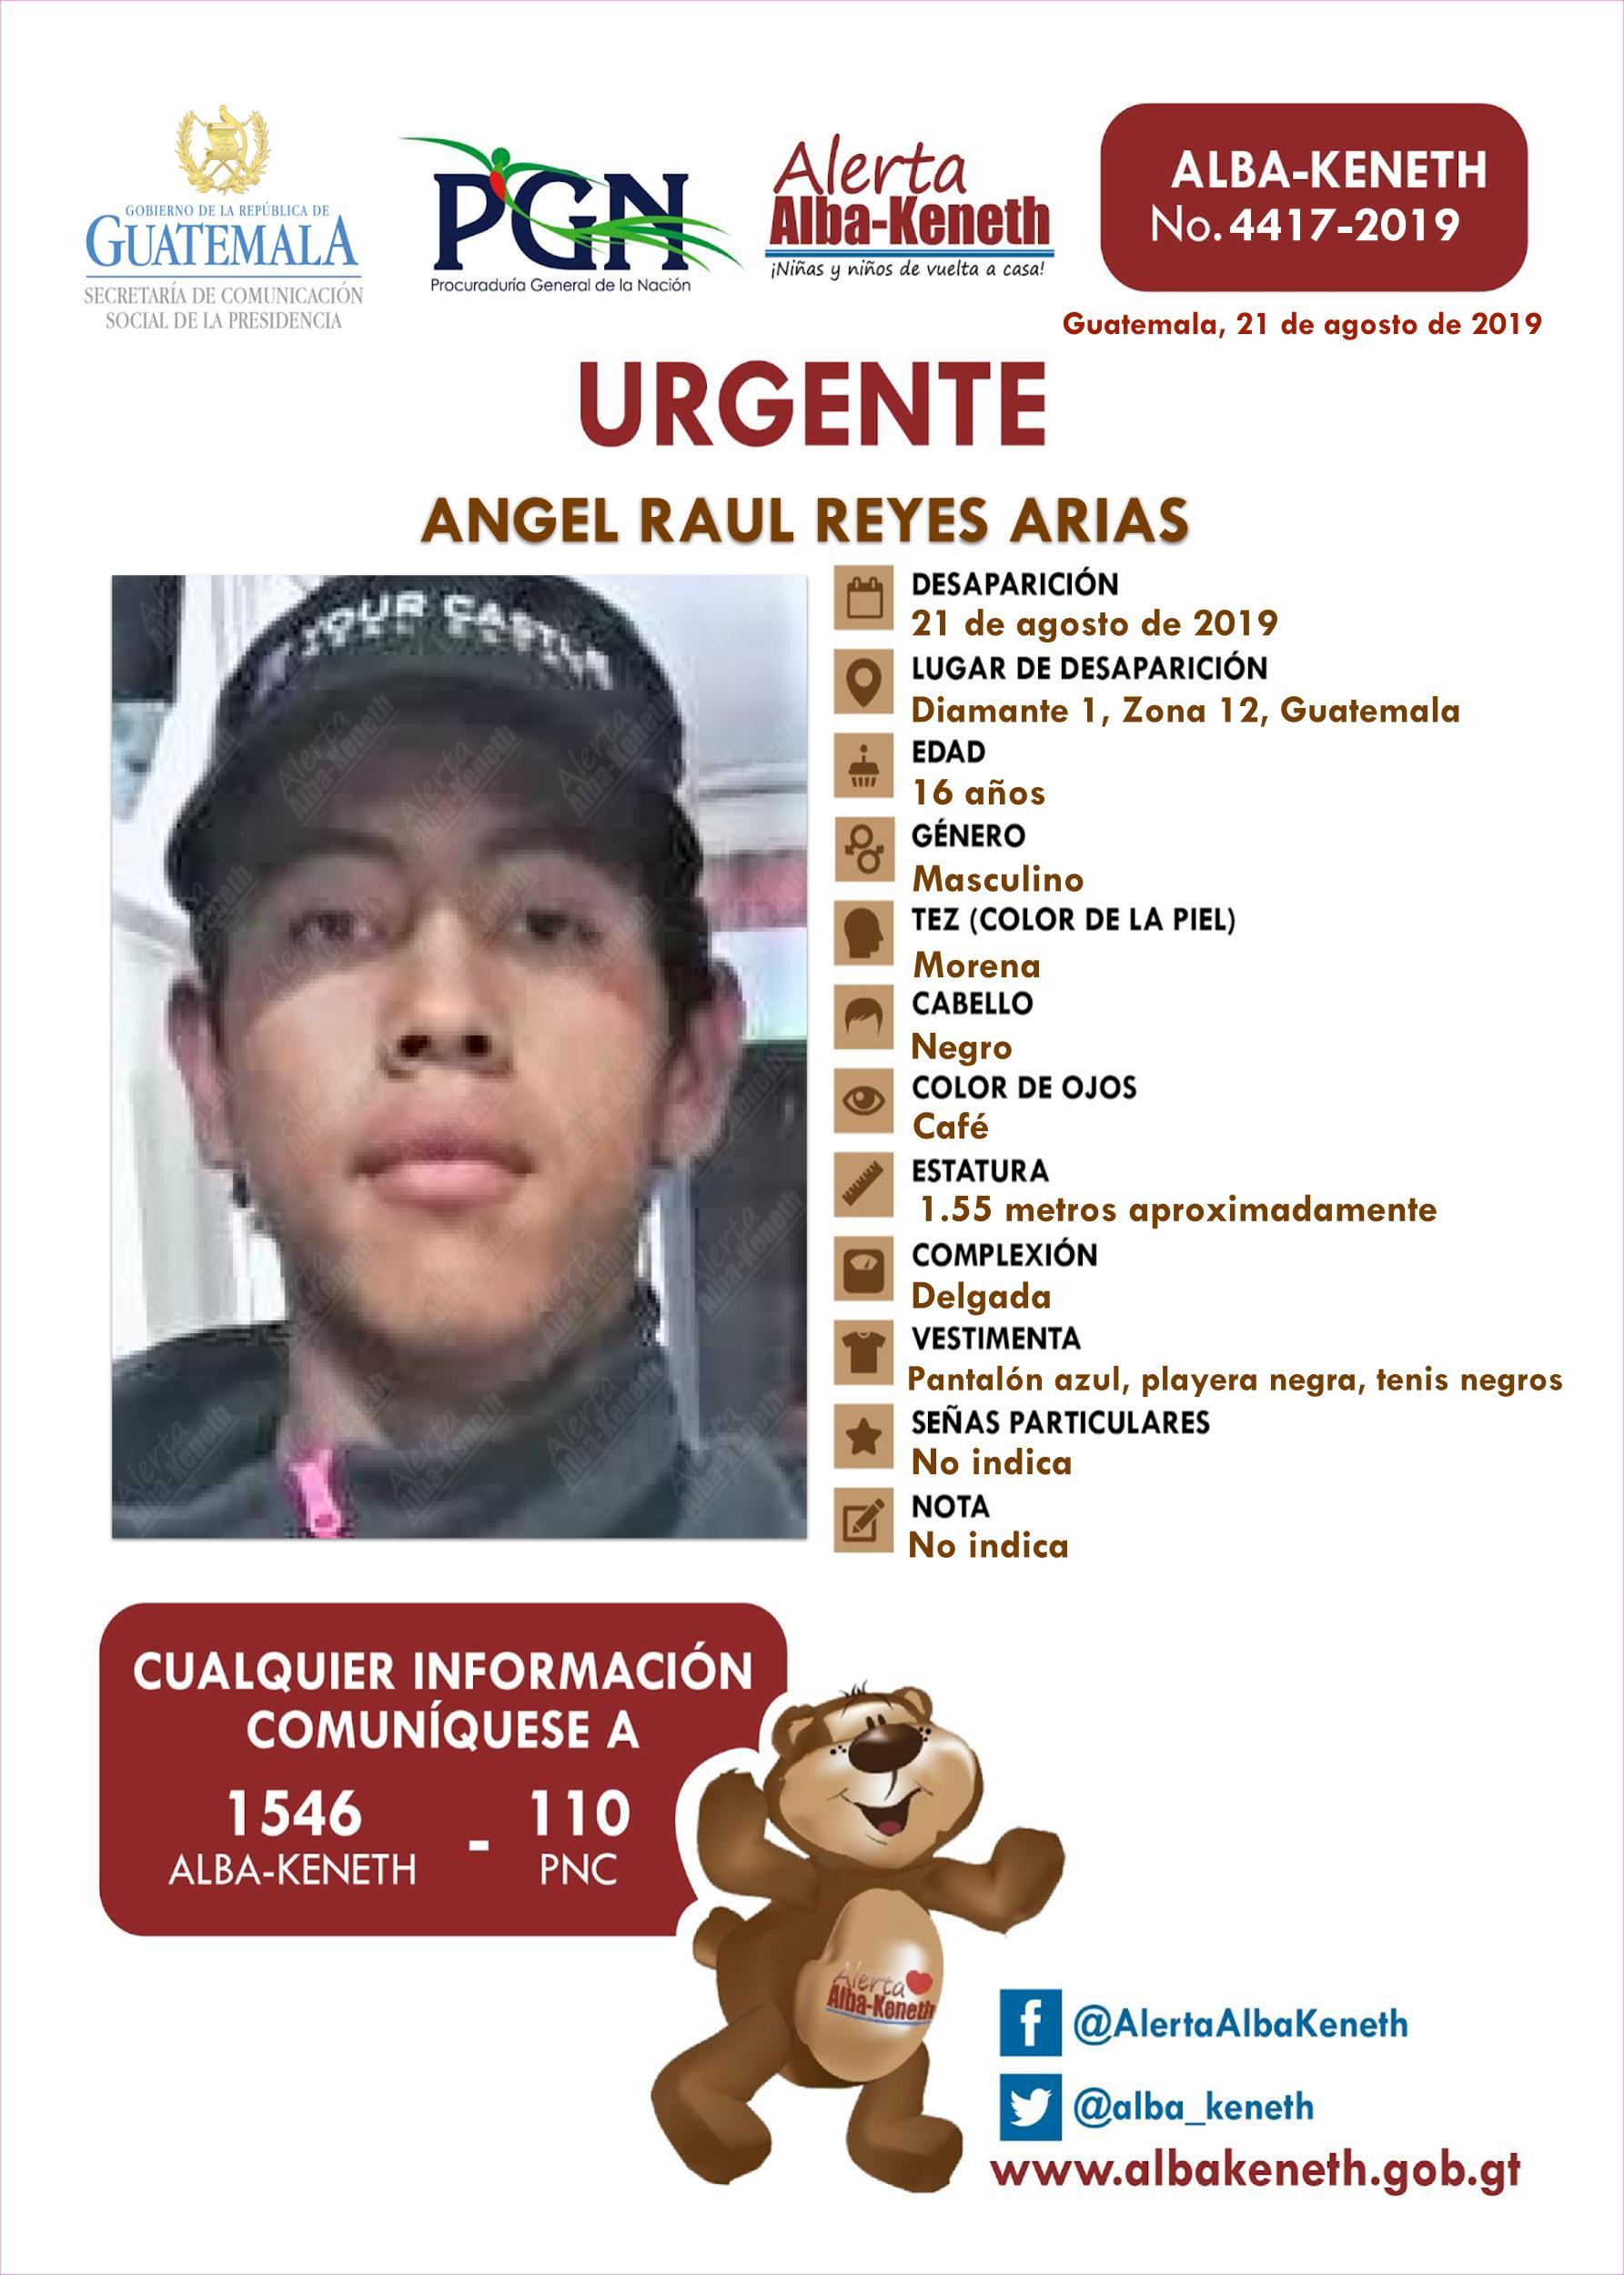 Angel Raul Reyes Arias